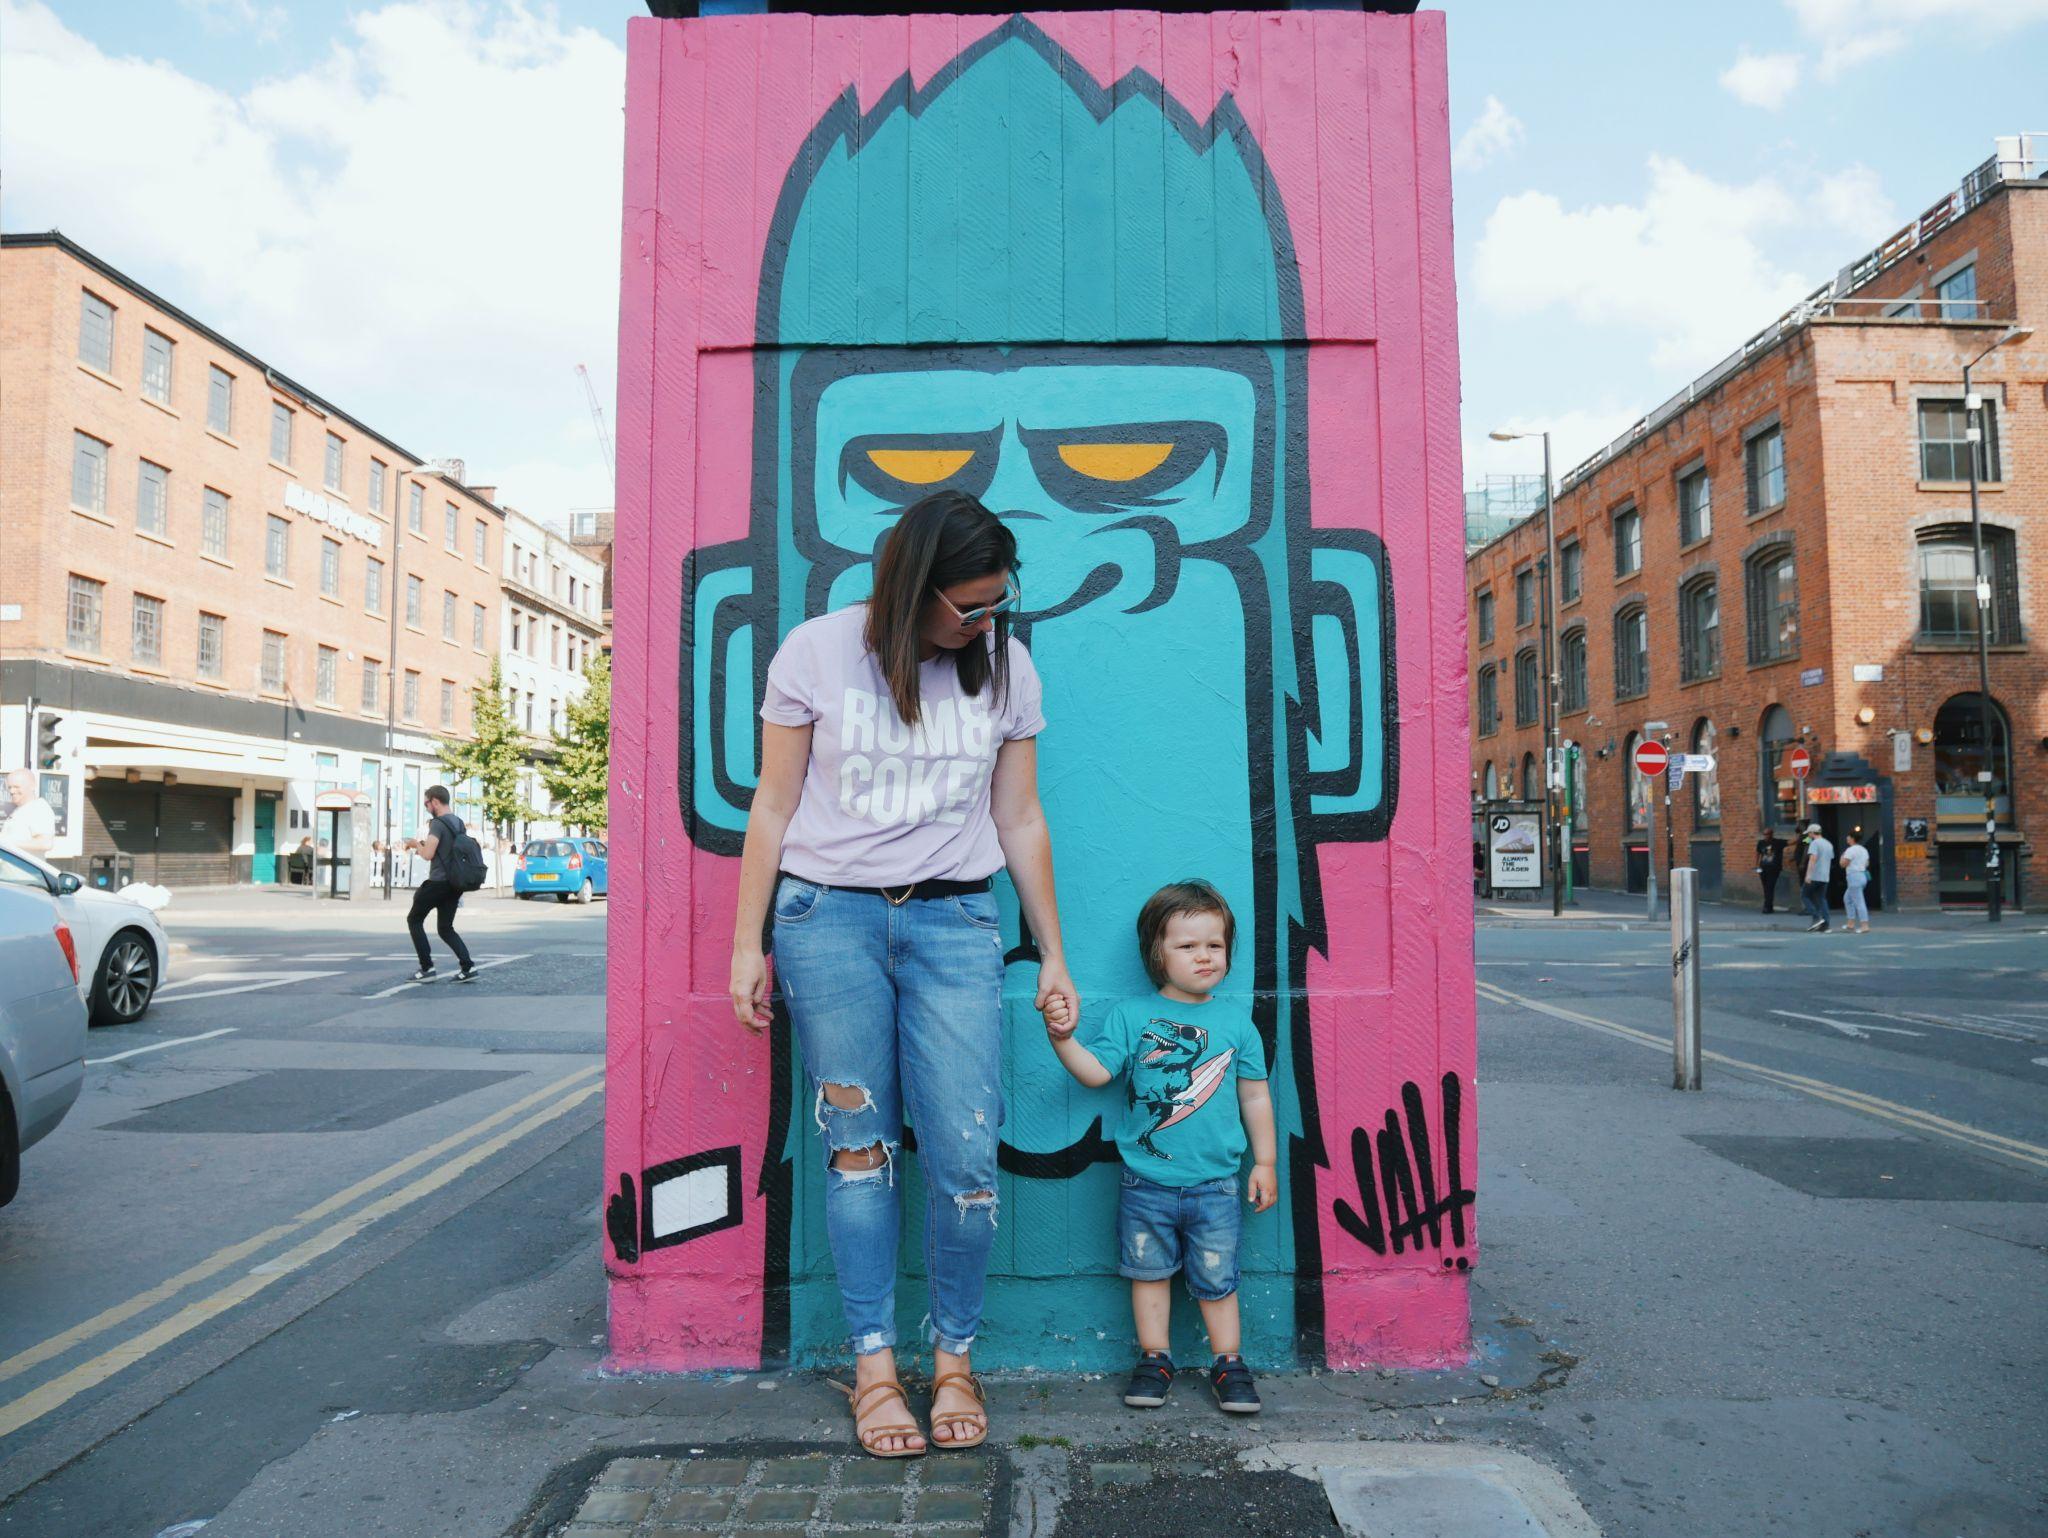 #outhousemcr Stevenson Square Manchester